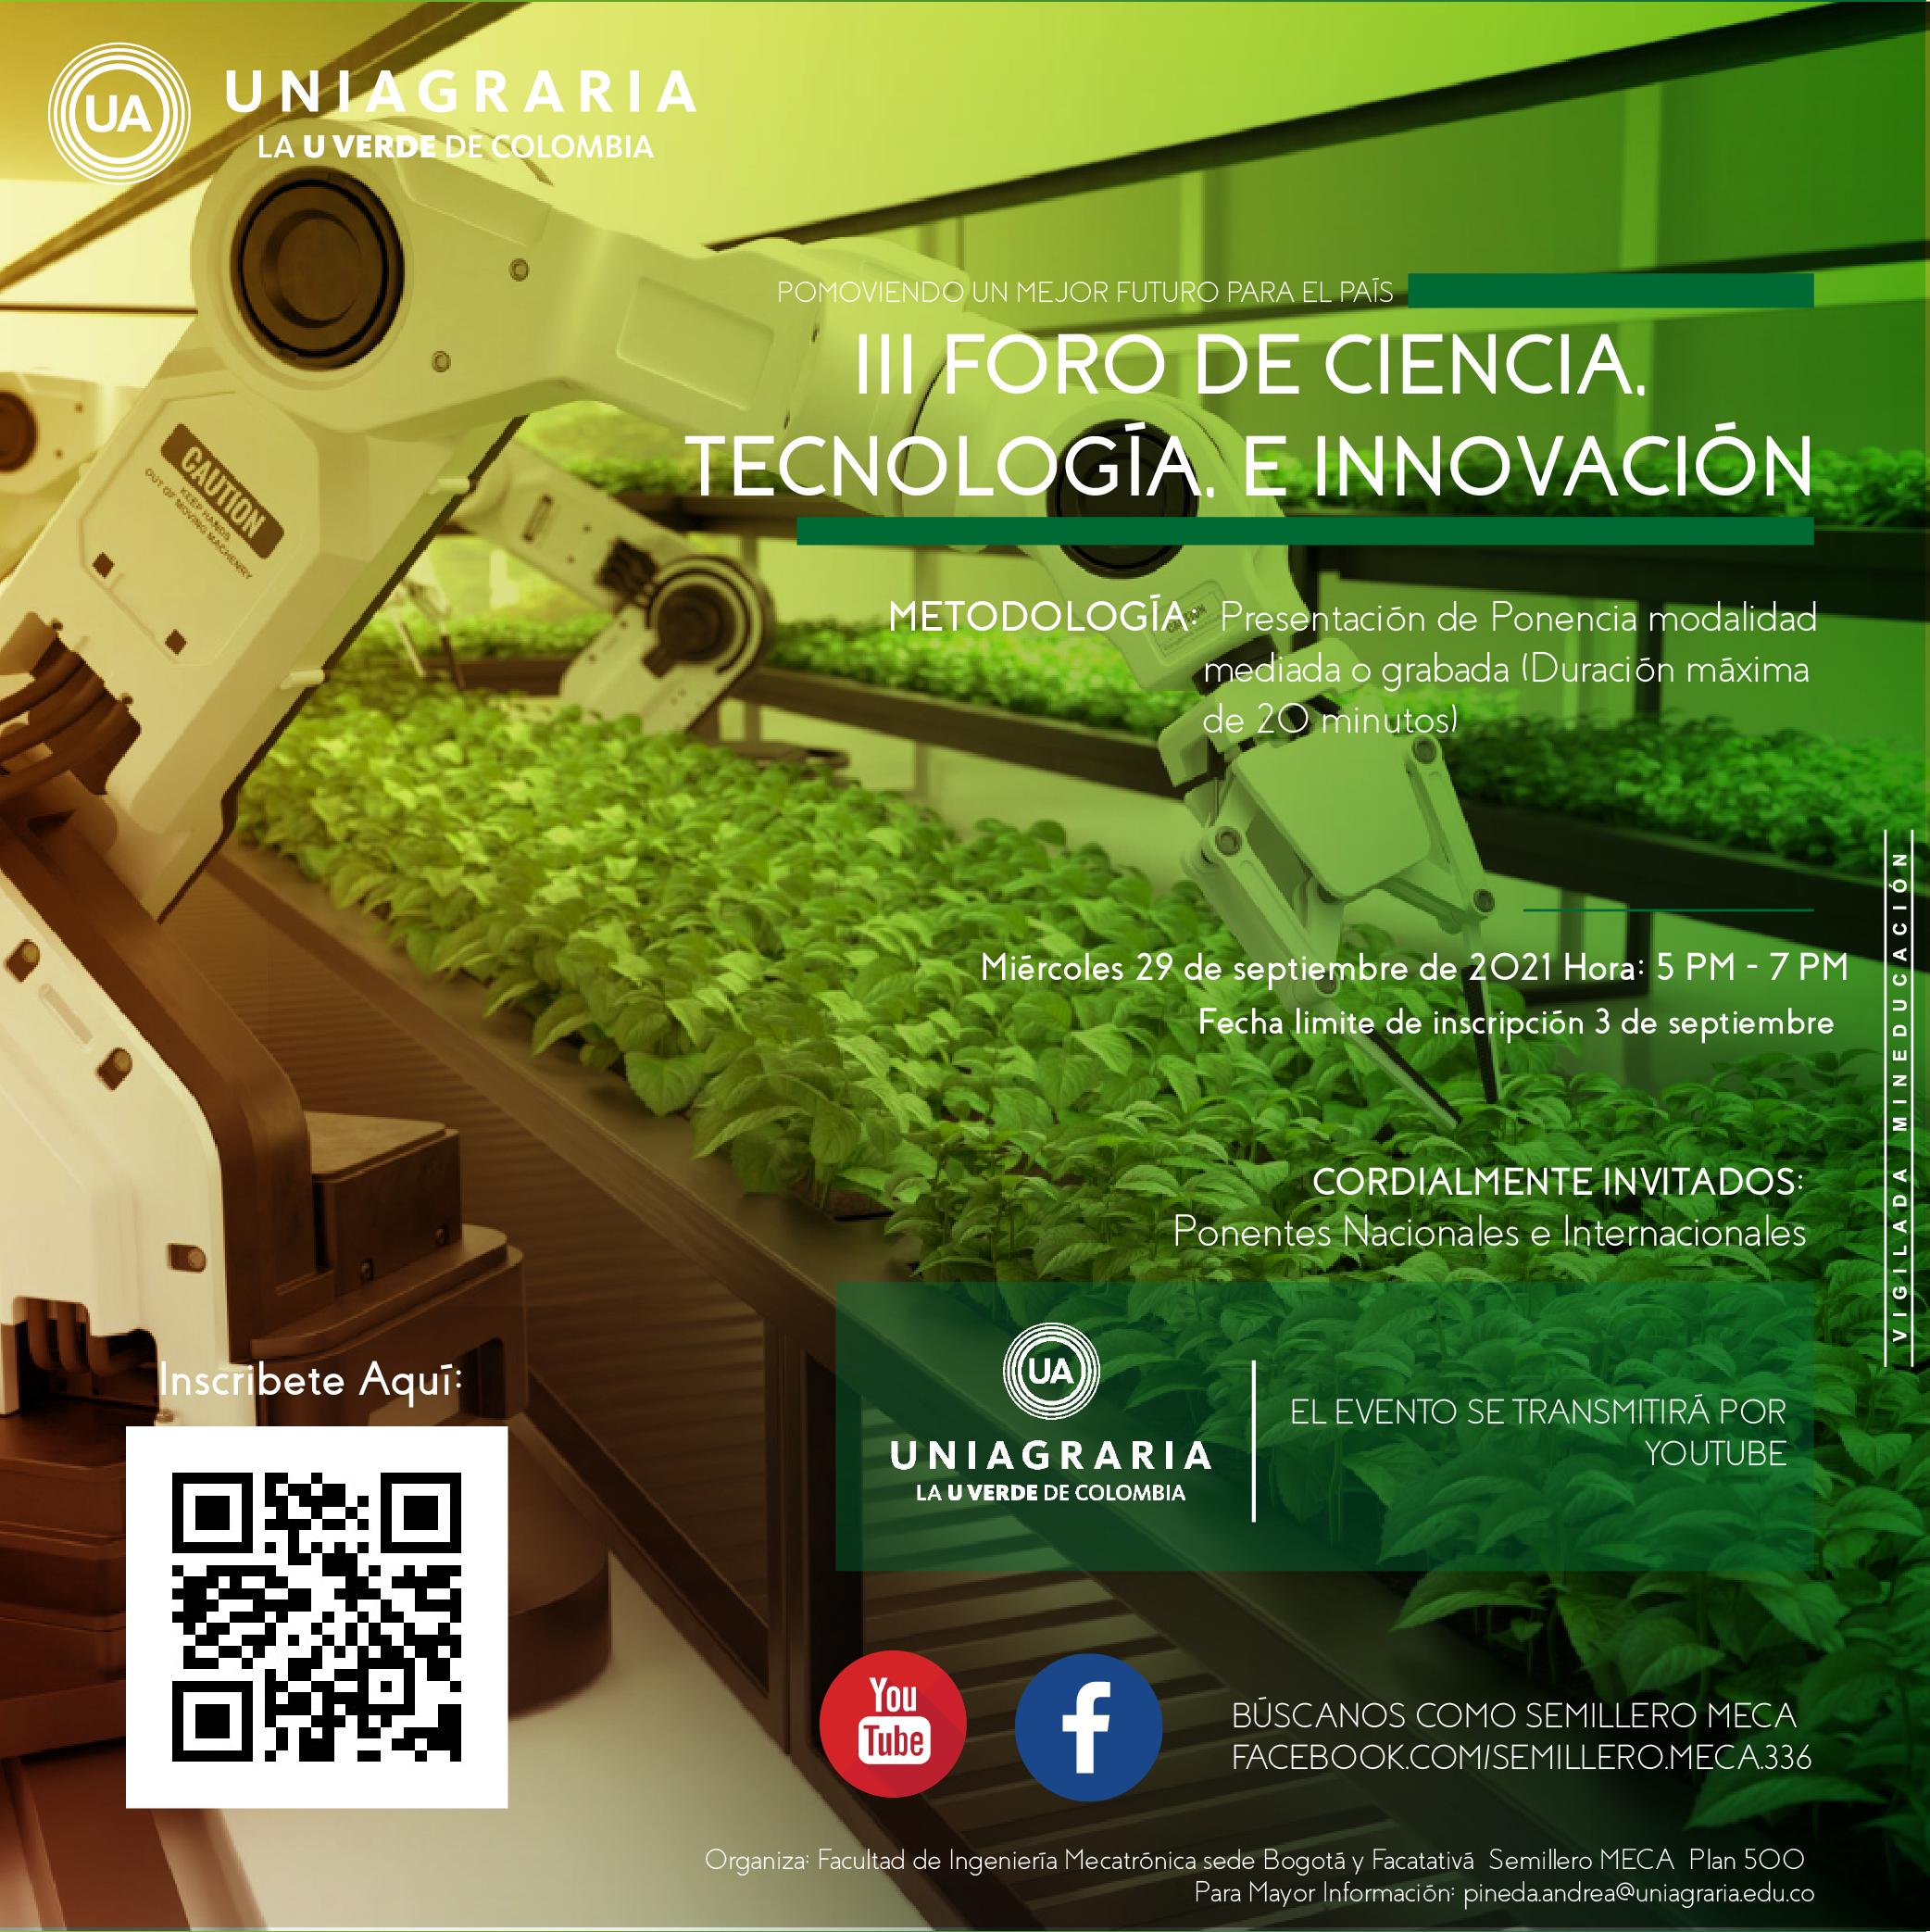 III Foro de ciencia, tecnología e innovación